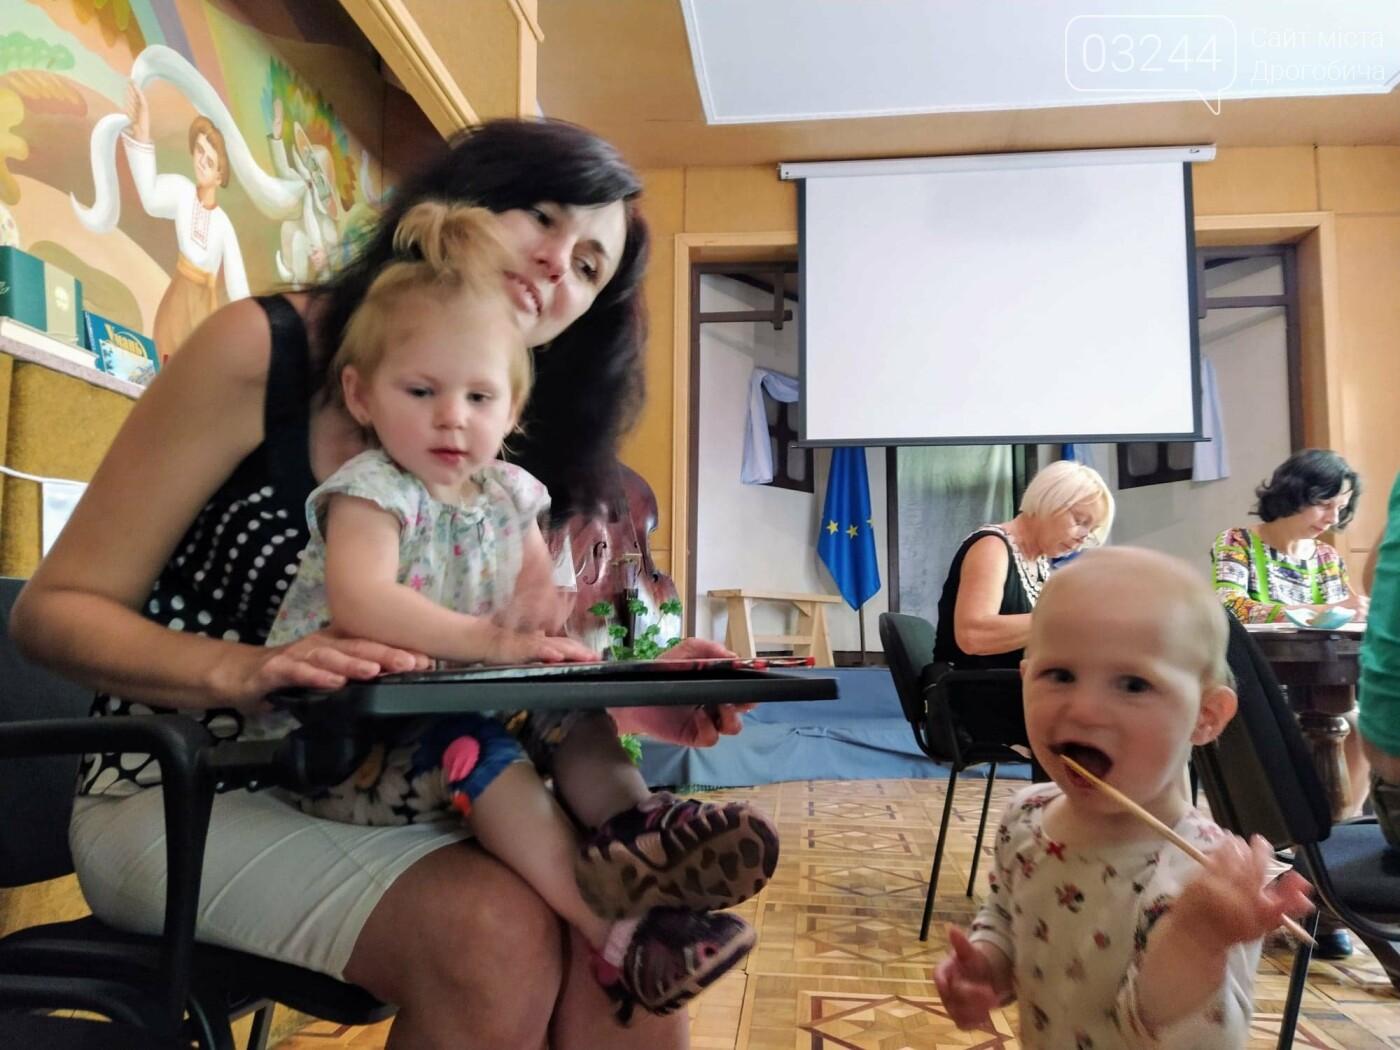 У Дрогобичі пройде Форум «Свідоме батьківство», у рамках якого відбудеться благочинний аукціон, фото-1